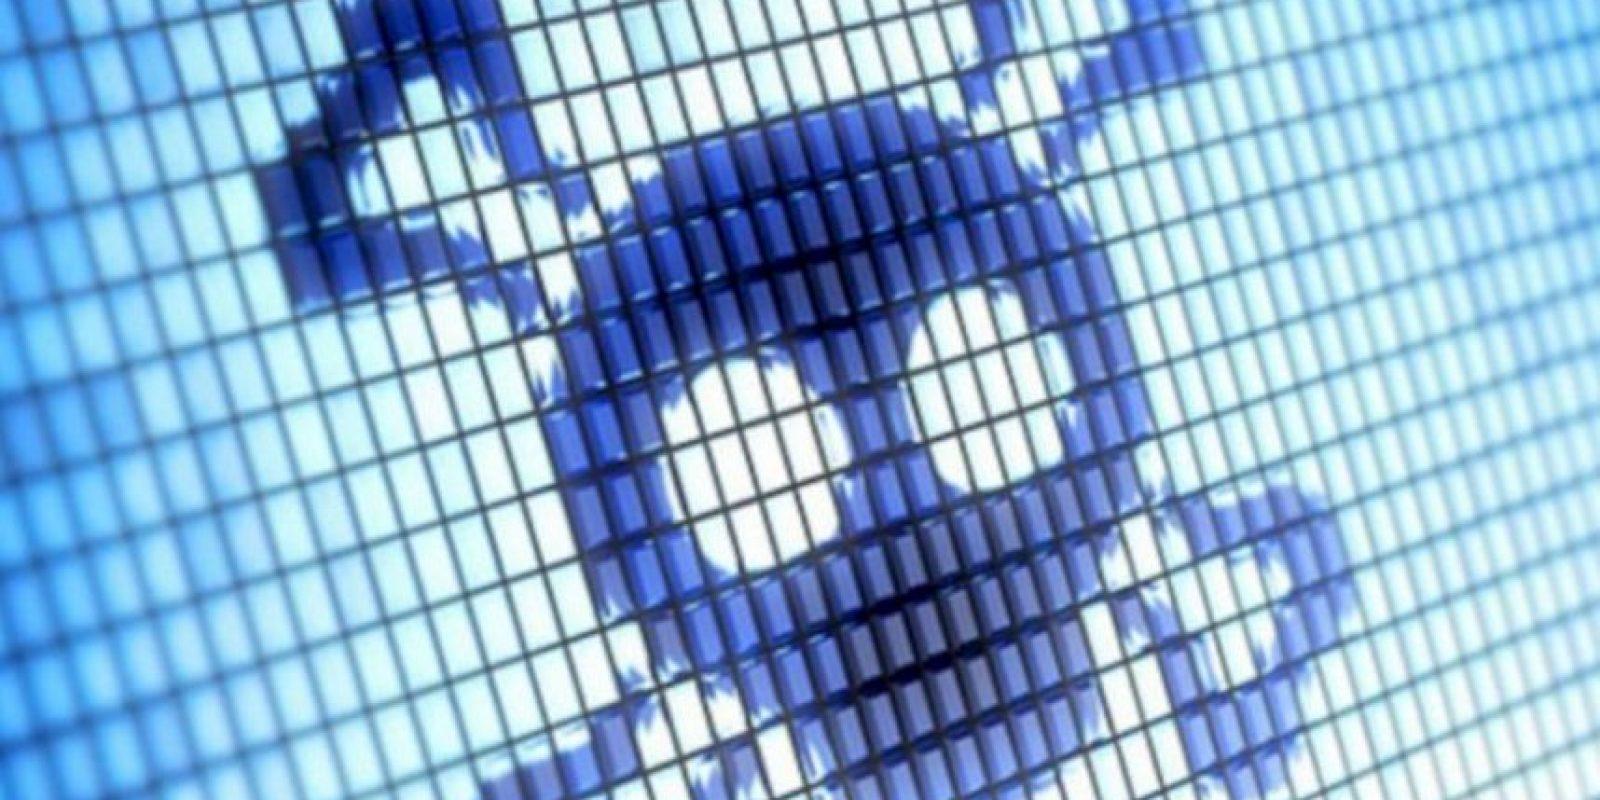 Los peligros se encuentran en Internet. Foto:Tumblr